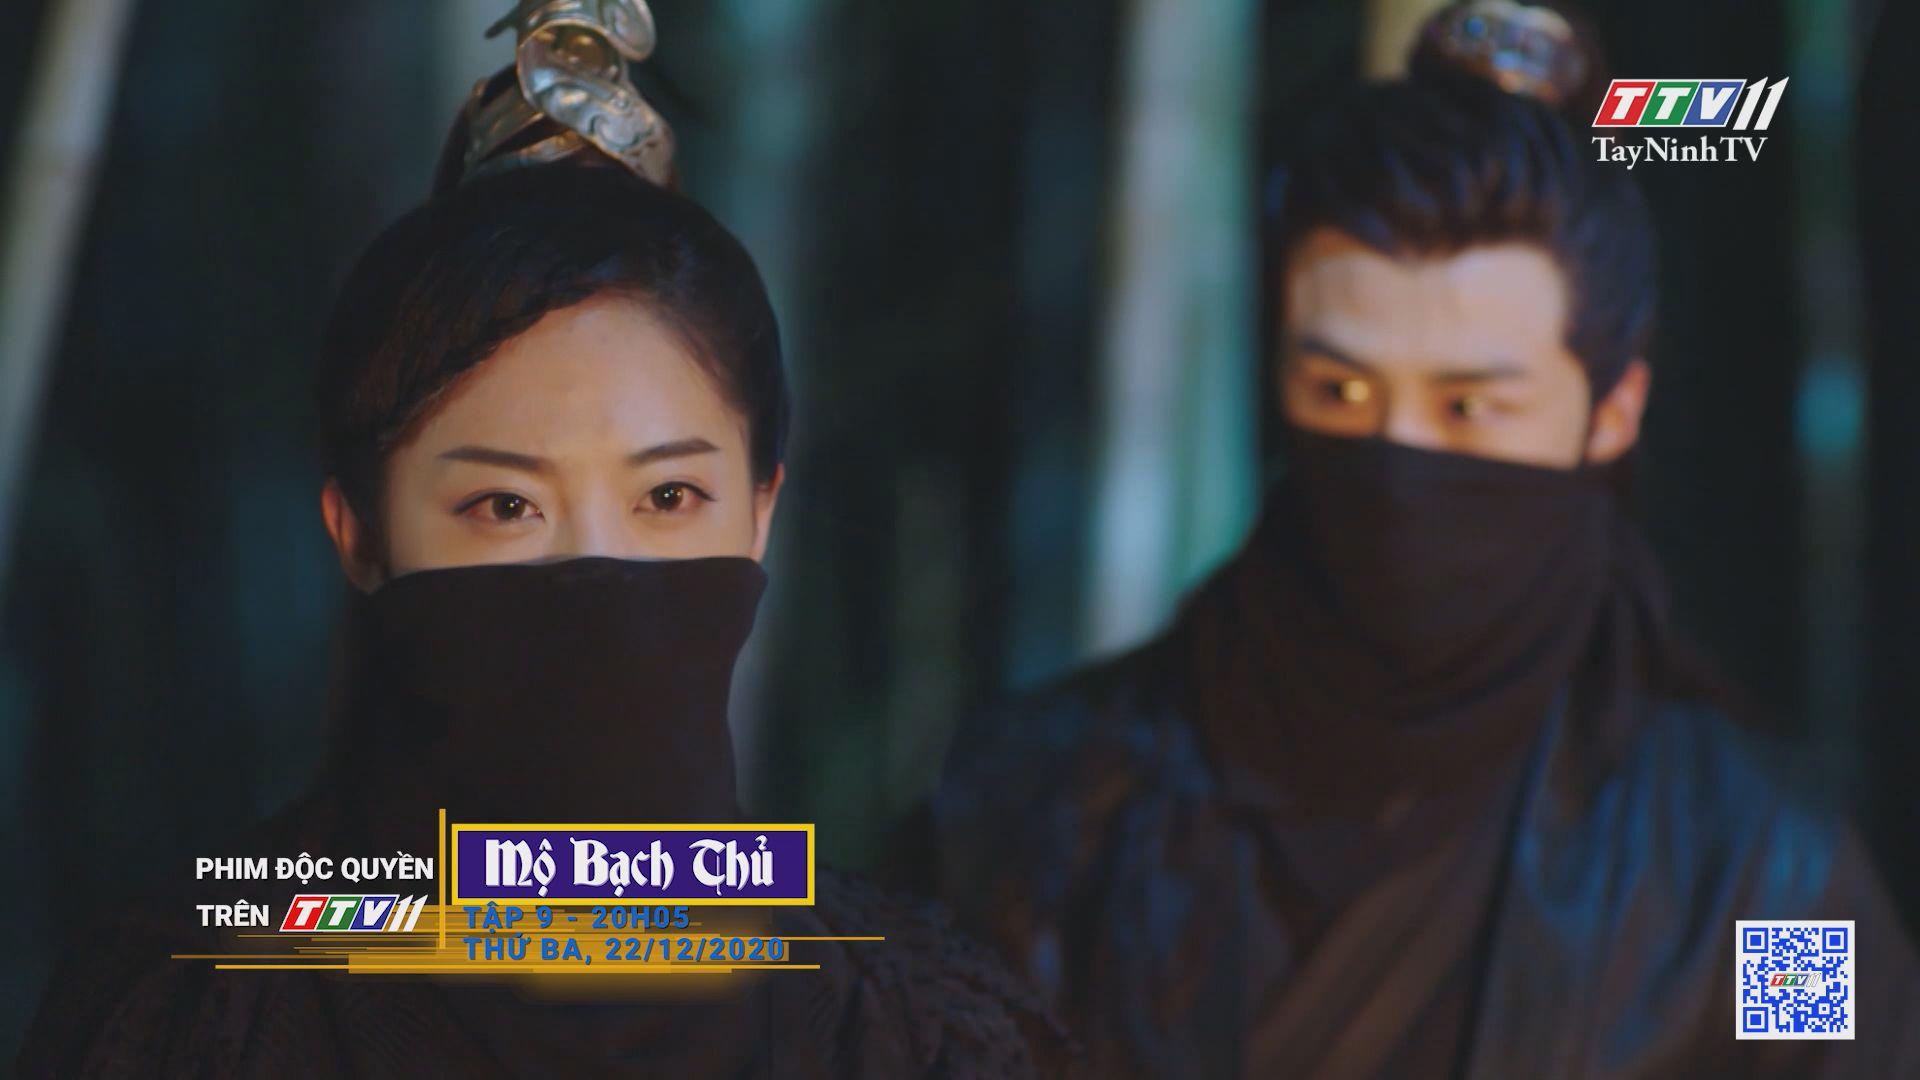 Mộ Bạch Thủ-TẬP 9 trailer | PHIM MỘ BẠCH THỦ | TayNinhTV